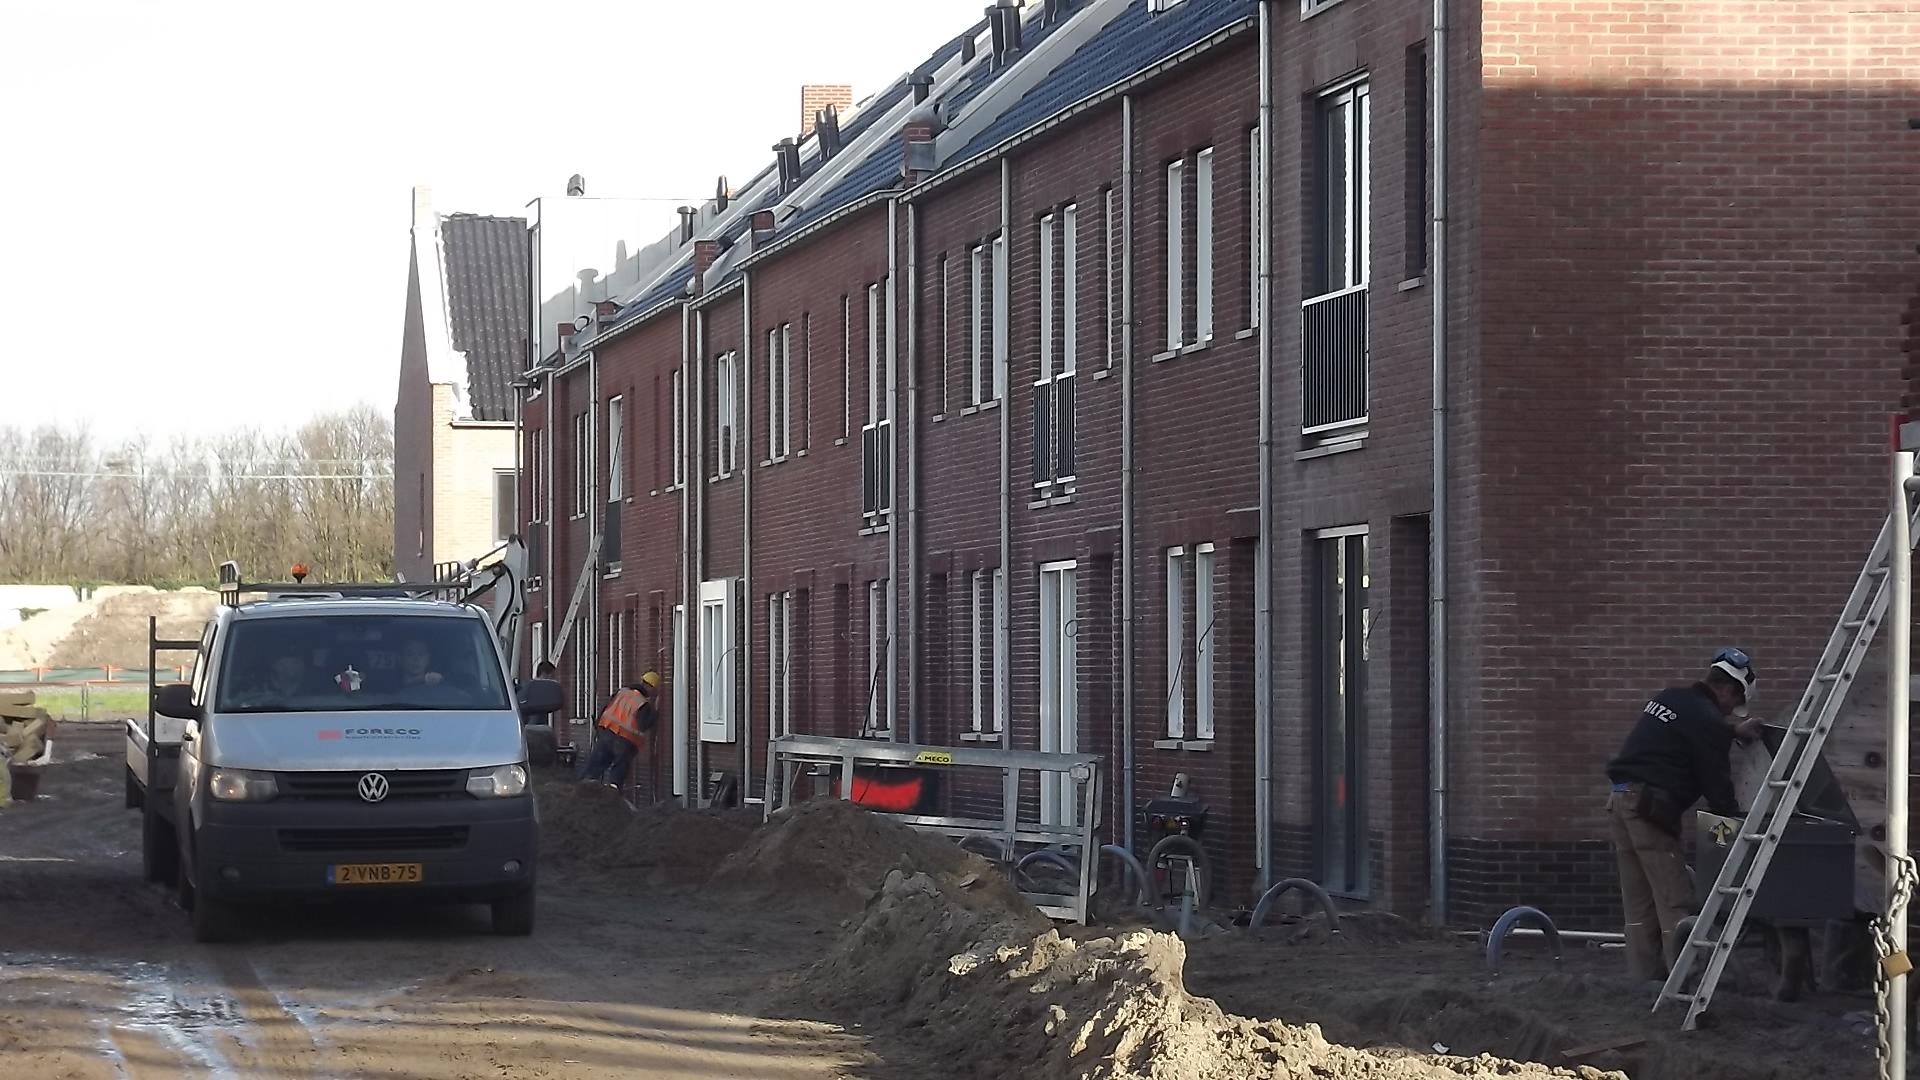 Wel sociale woningbouw, maar méér duurdere huizen